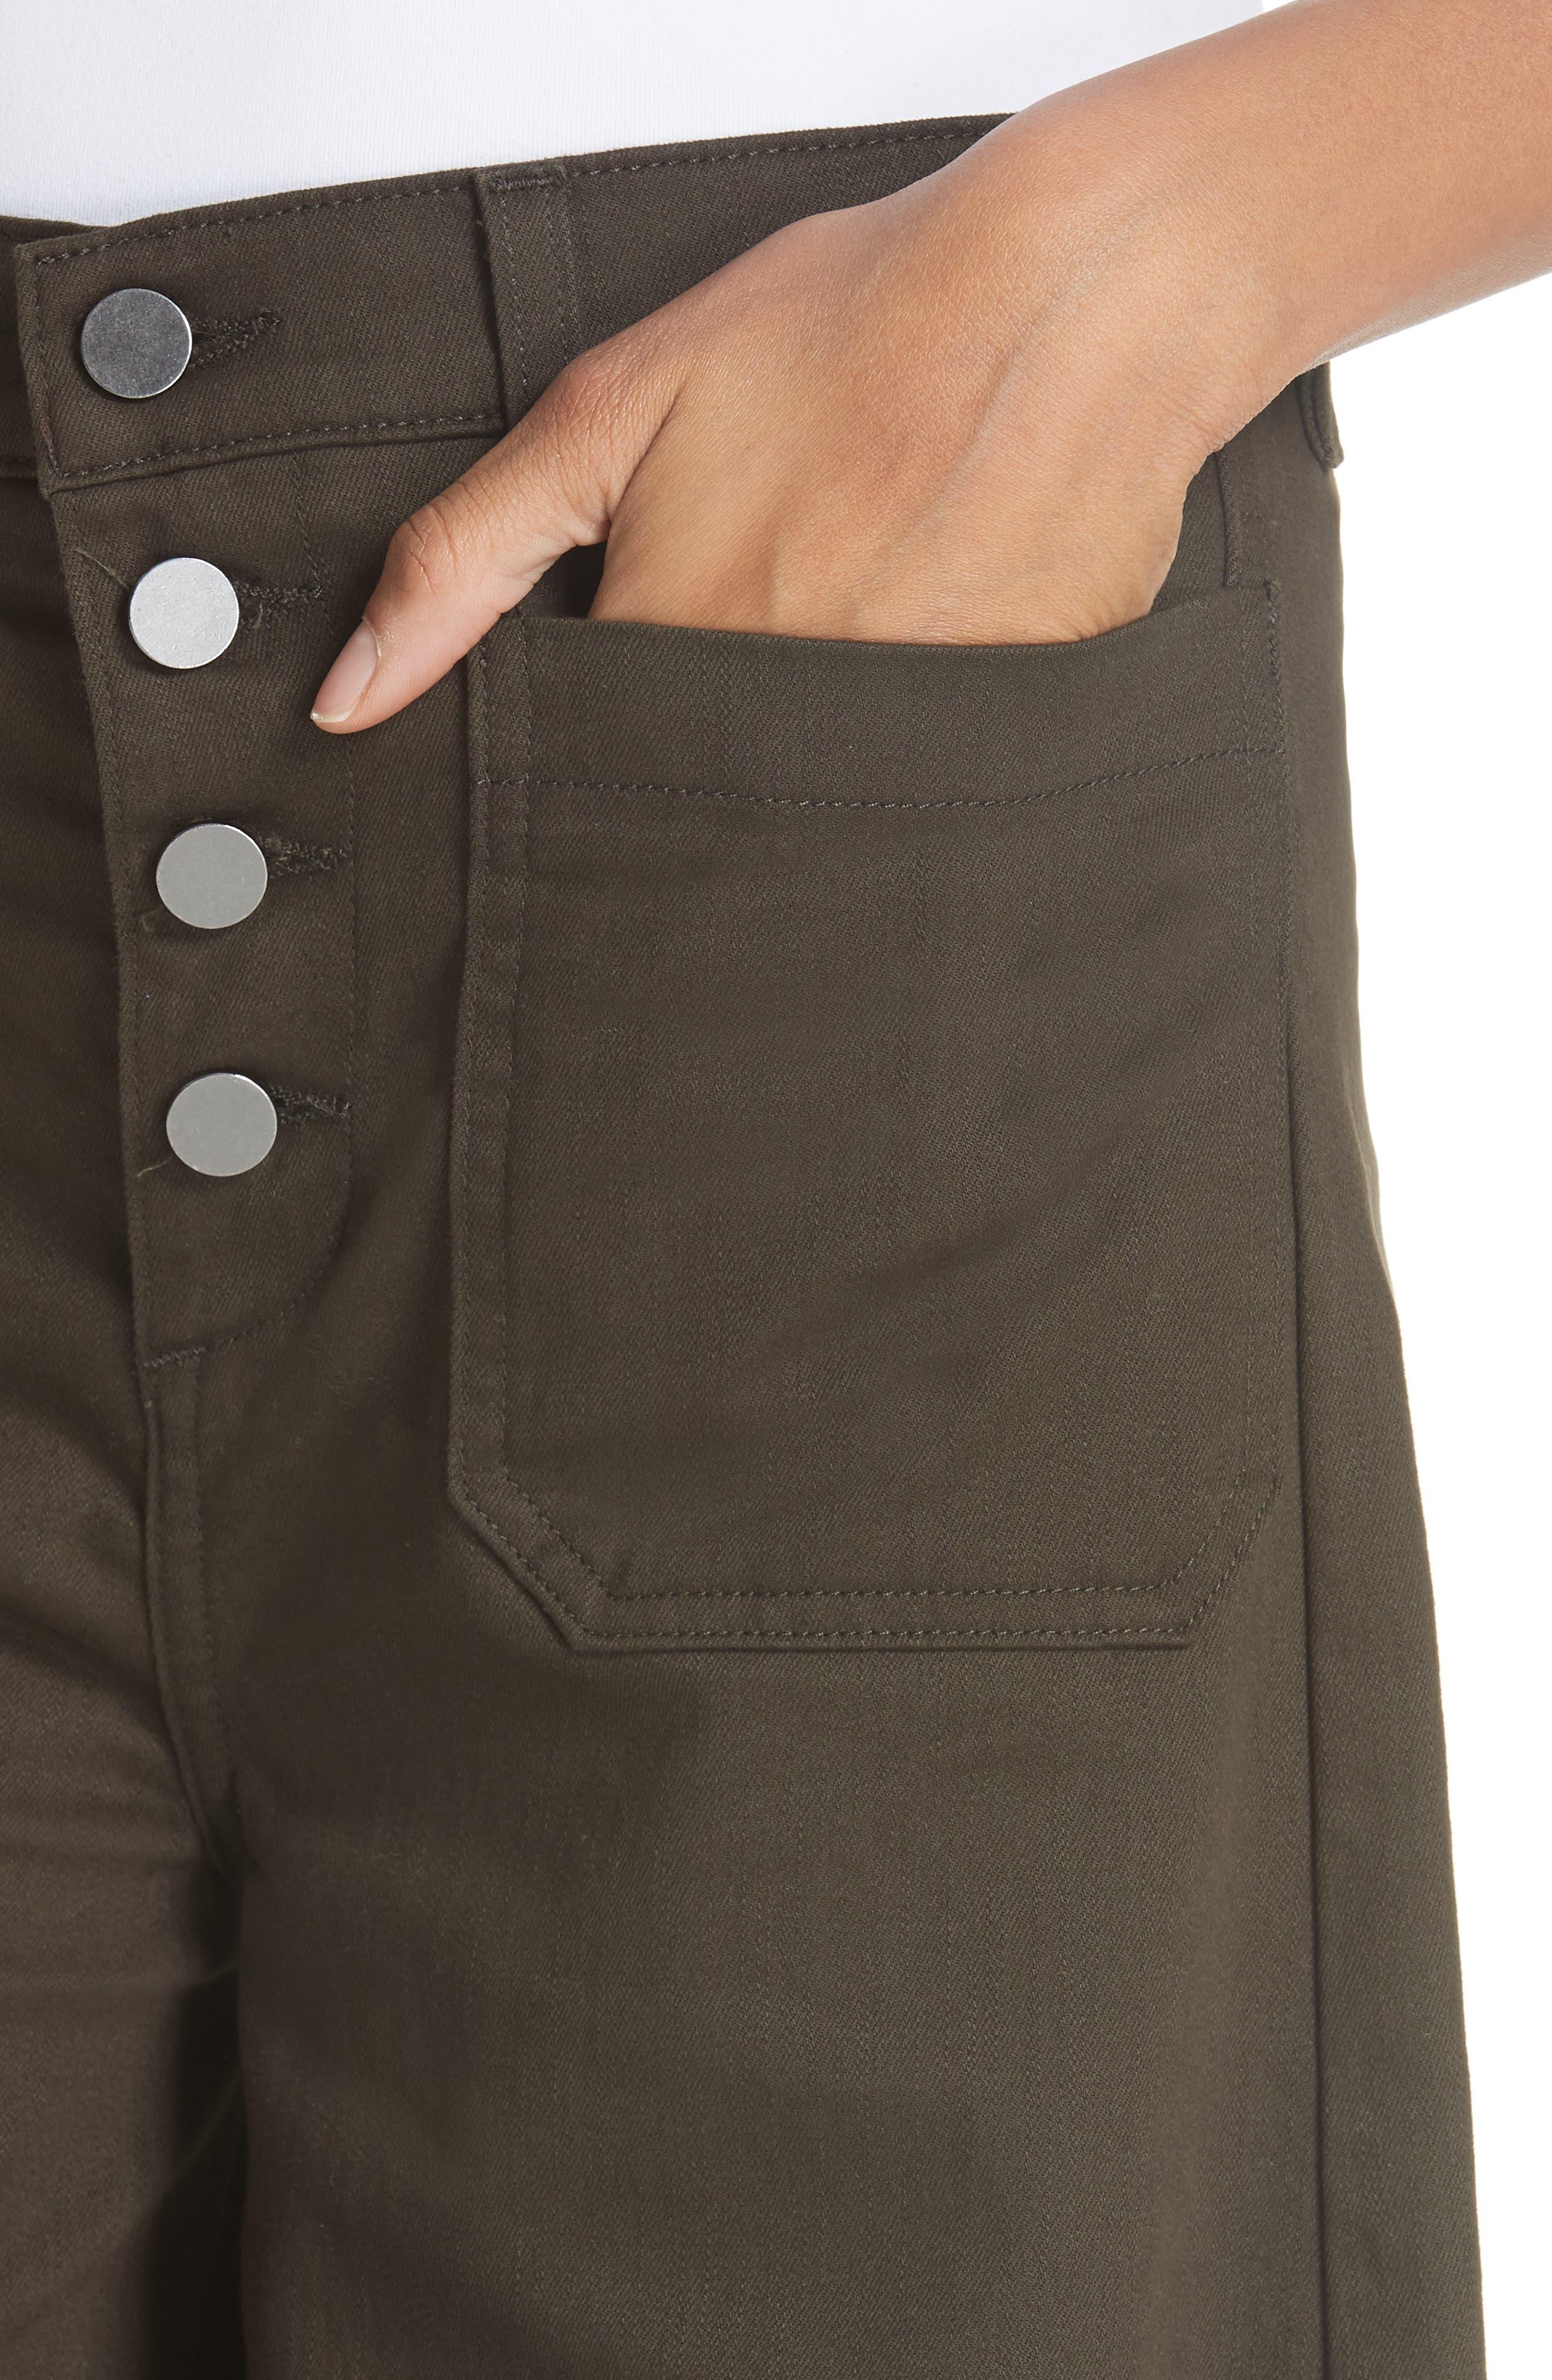 Carmine High Waist Wide Leg Crop Jeans,                             Alternate thumbnail 4, color,                             COMBAT